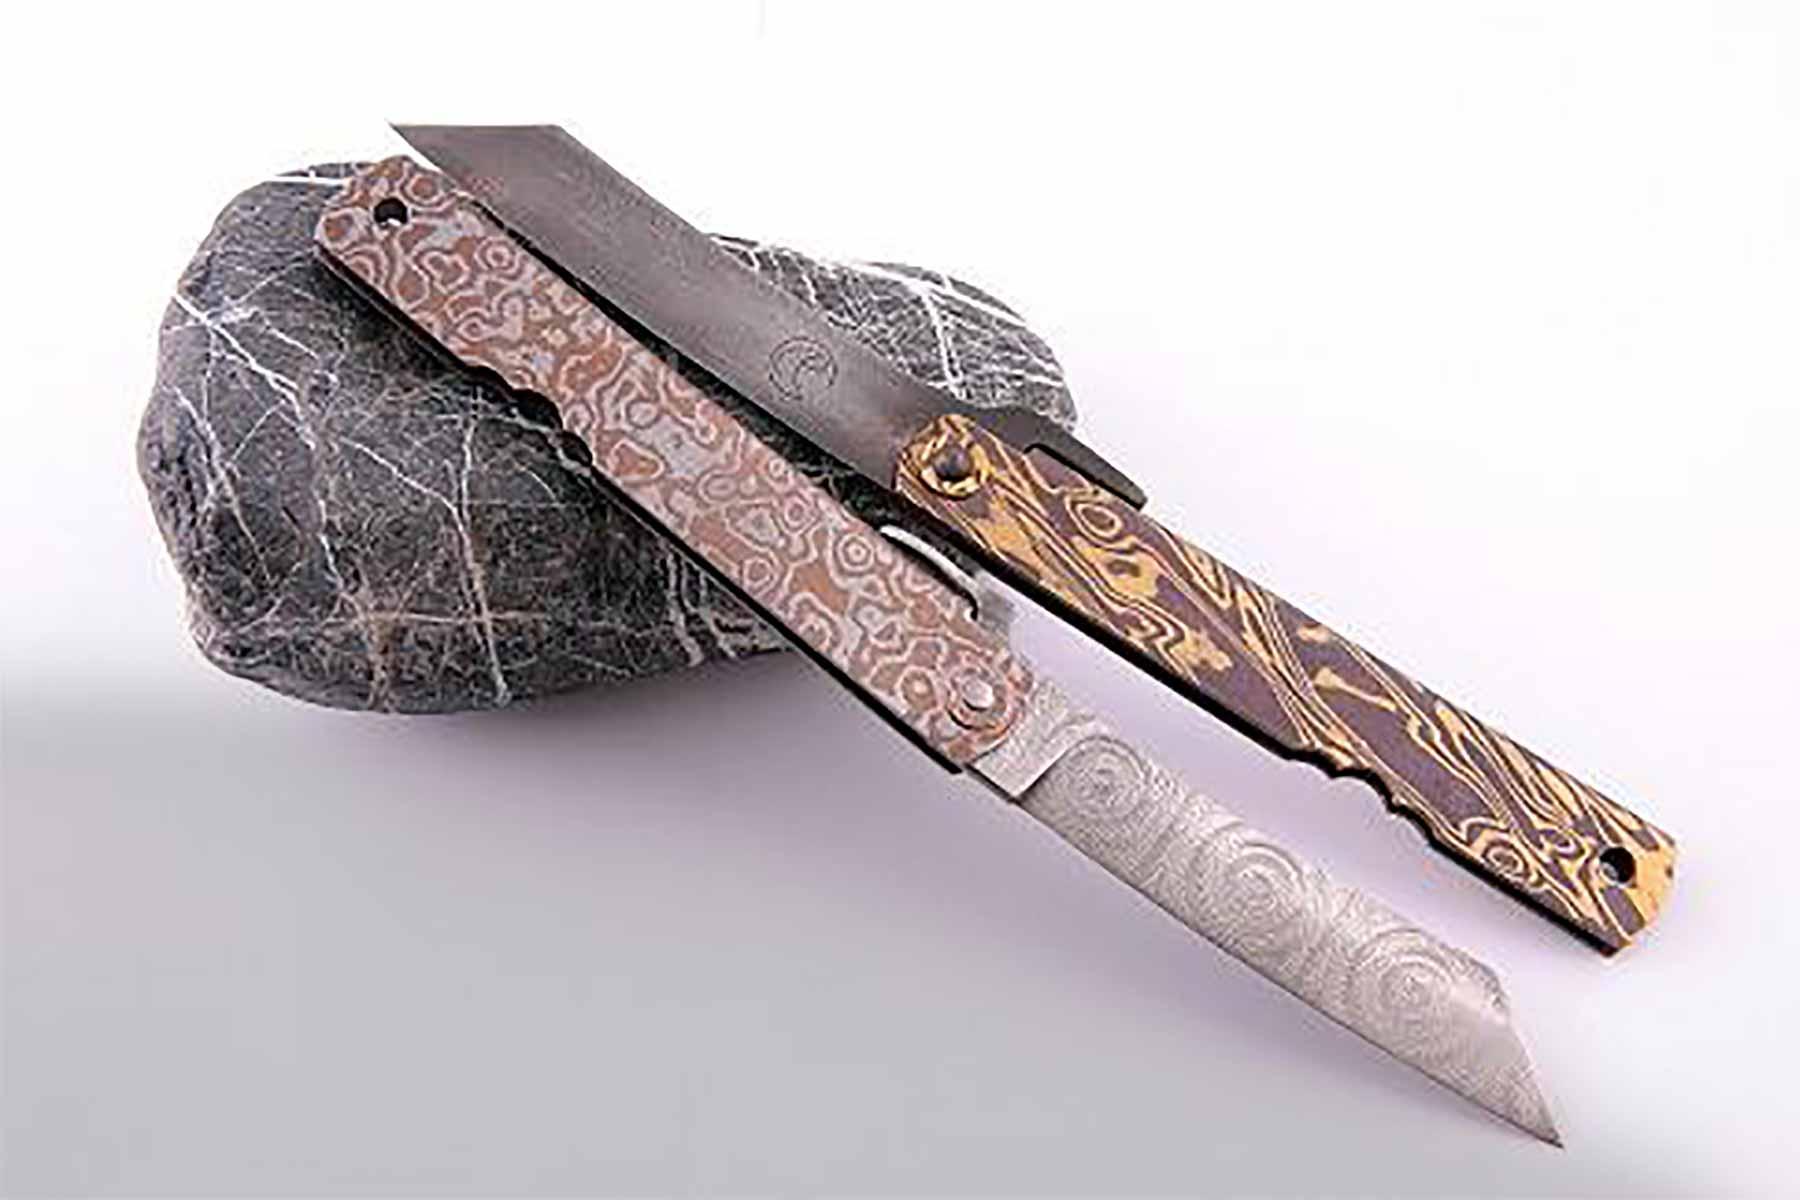 Zwei Messer auf Stein